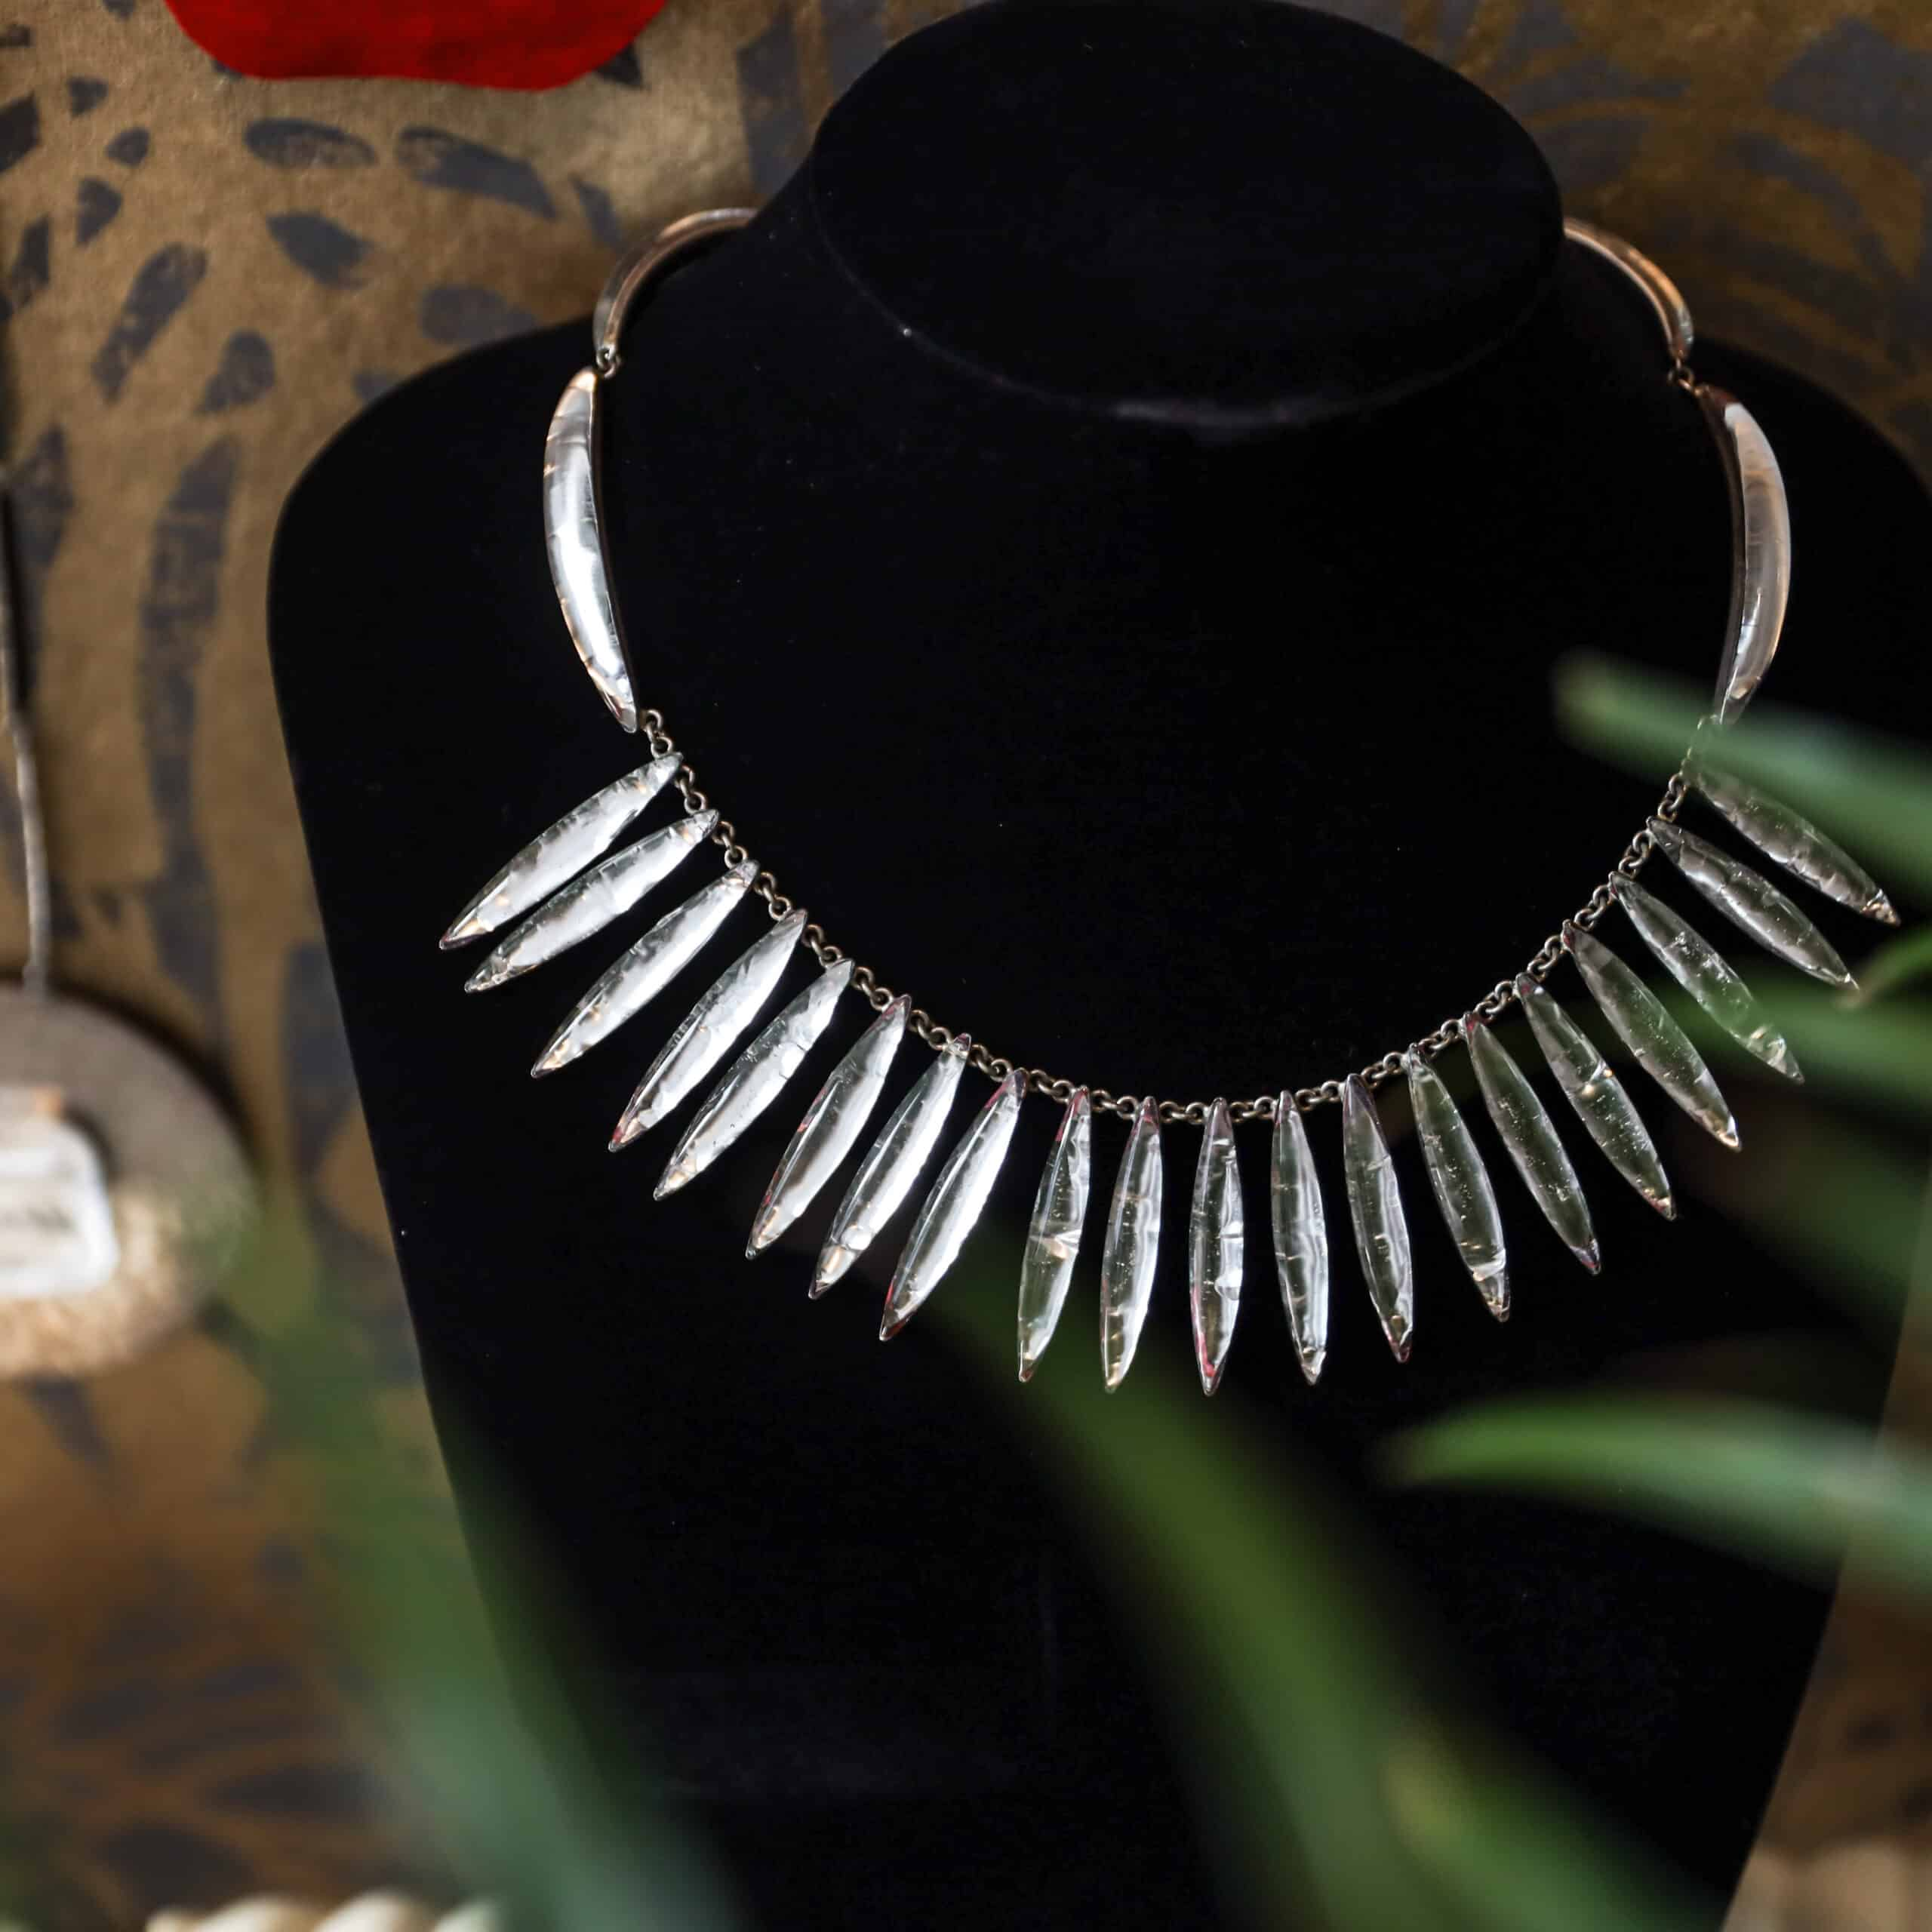 Jacques-Gautier-bijoux-artiste-enamel-picasso-jewels